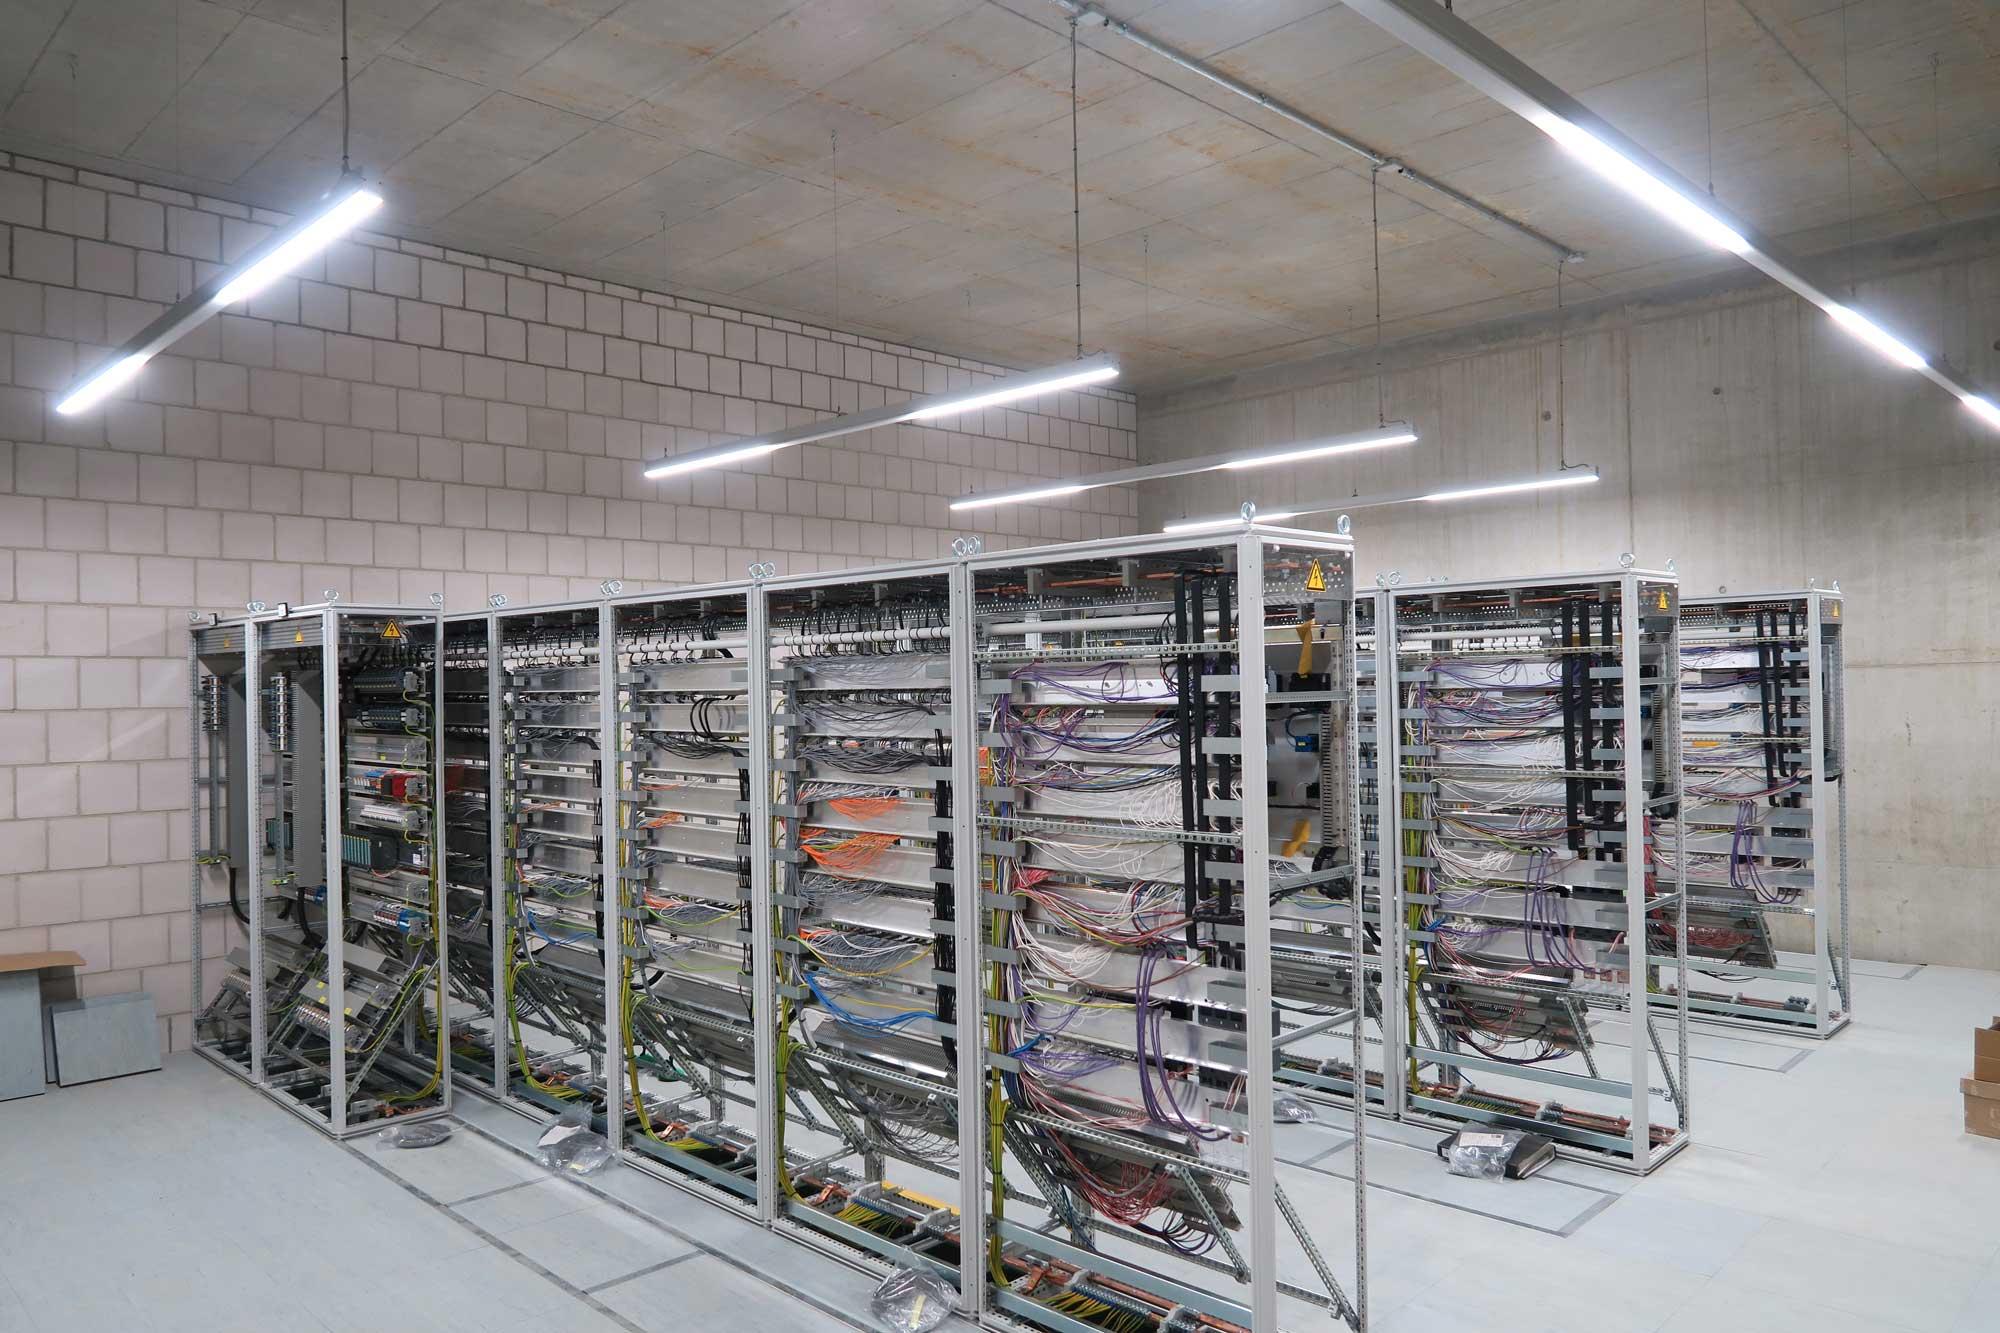 Beleuchtung einer Serverzentrale mit KB-Silberline.pro LED-Systembeleuchtung